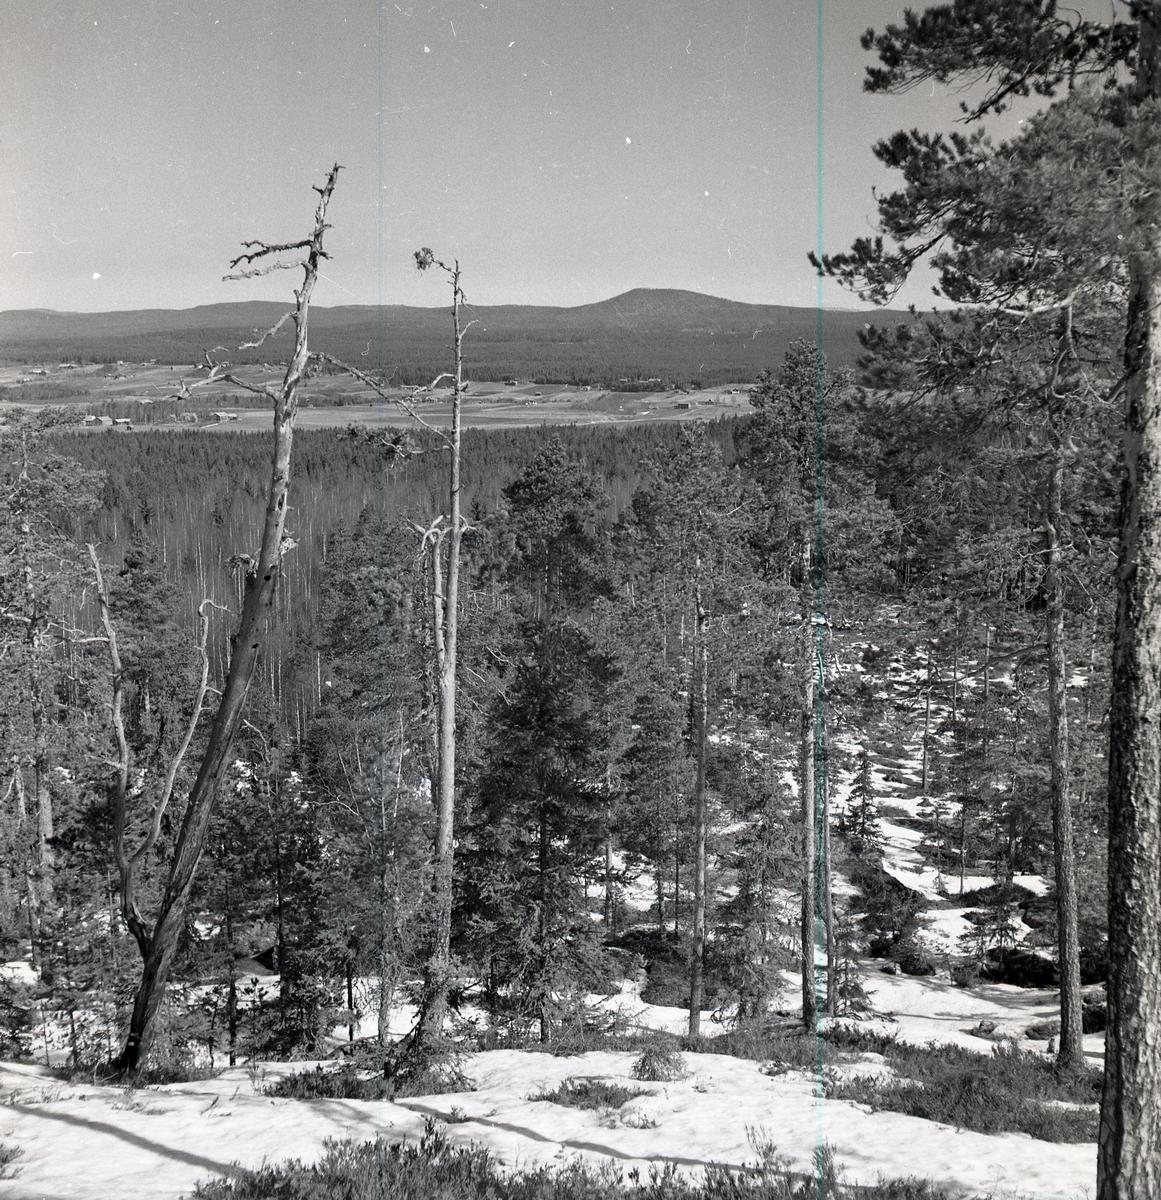 Utsikt från Skogsberget mot Höleklack med torraktallar i förgrunden, april 1951.